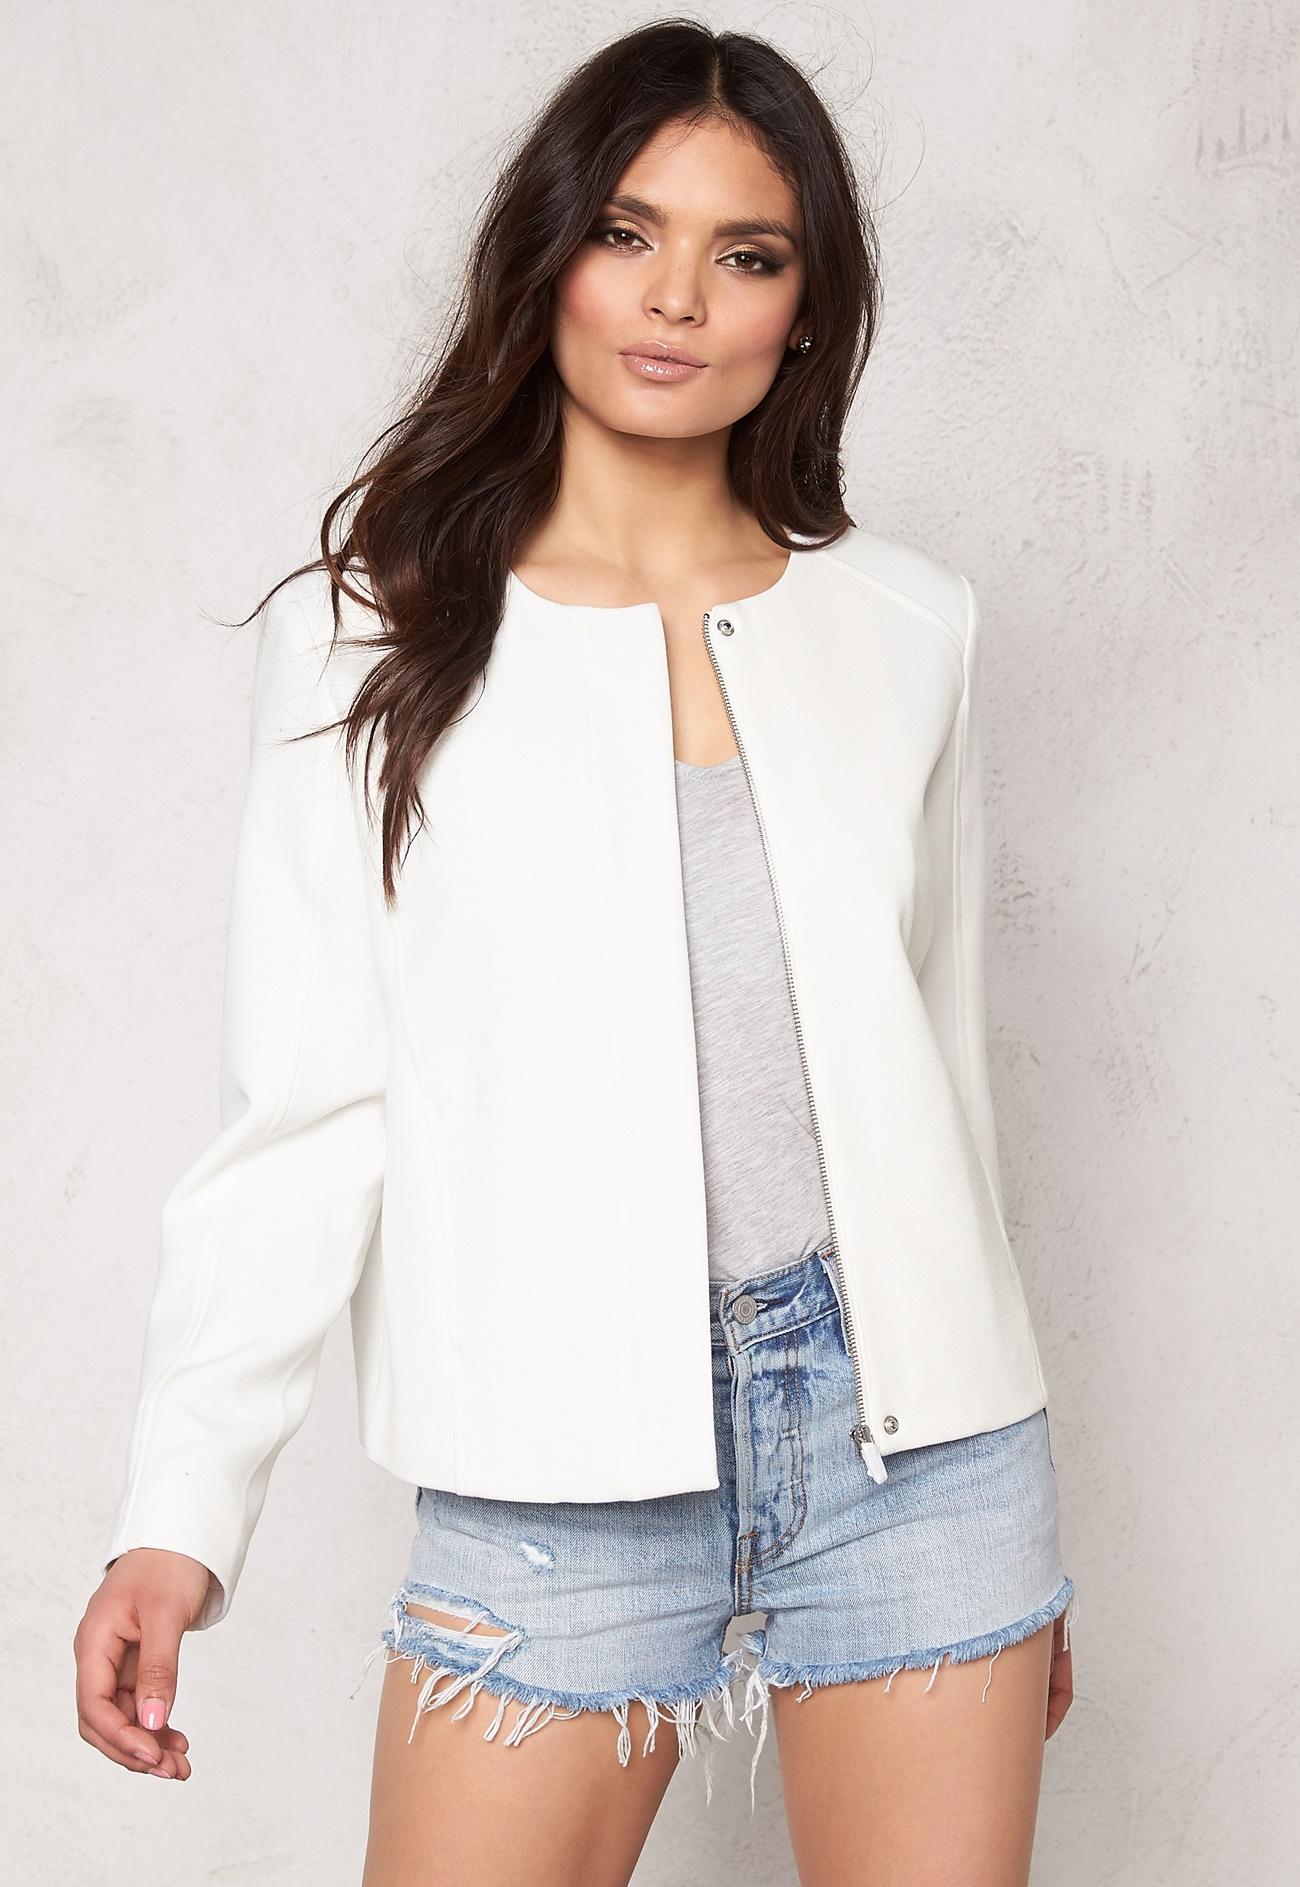 White Short Jacket - JacketIn